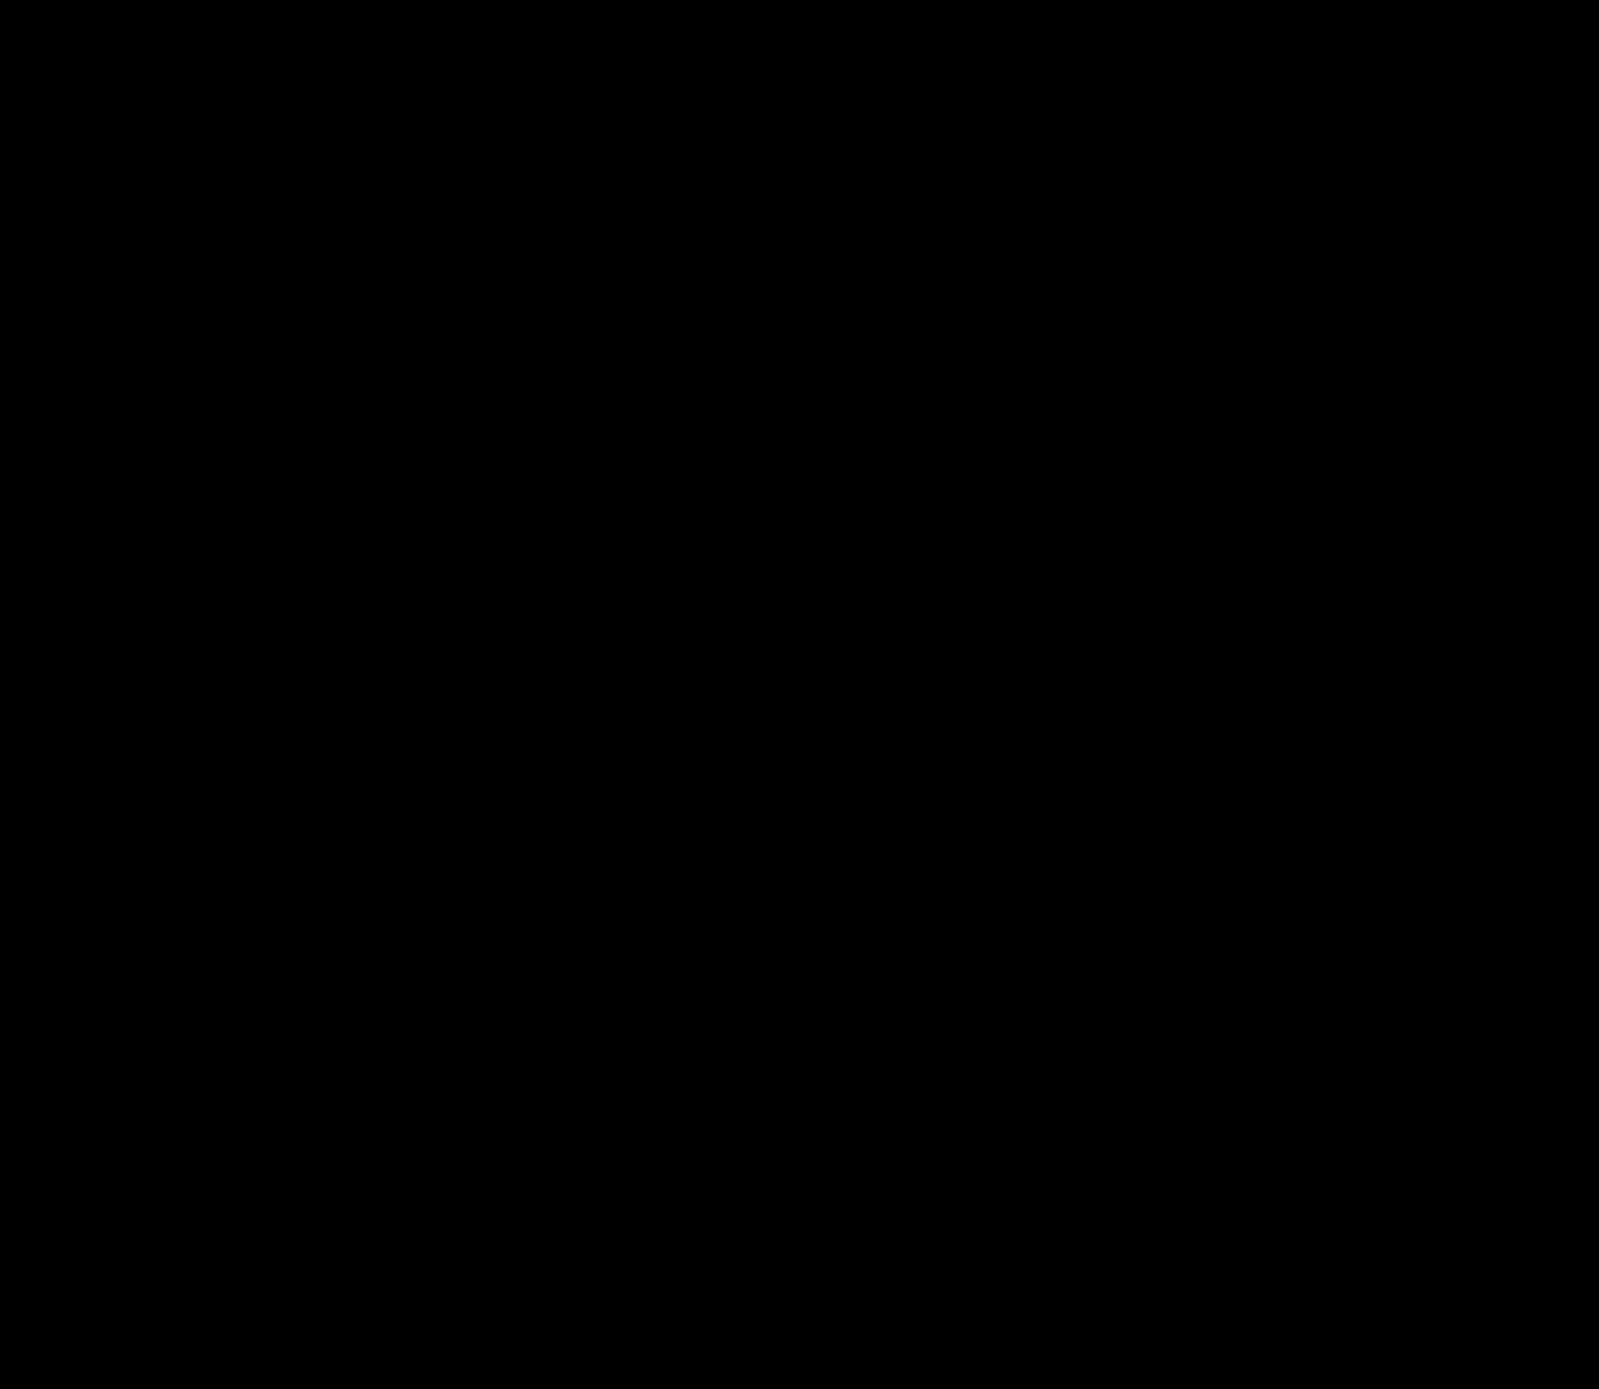 Bodeneinbauleuchte Bodeneinbaustrahler IP67 EDELSTAHL EDELSTAHL EDELSTAHL GU10 LED 230V Flach Rund | Ein Gleichgewicht zwischen Zähigkeit und Härte  | Roman  | Spielzeugwelt, spielen Sie Ihre eigene Welt  beff31